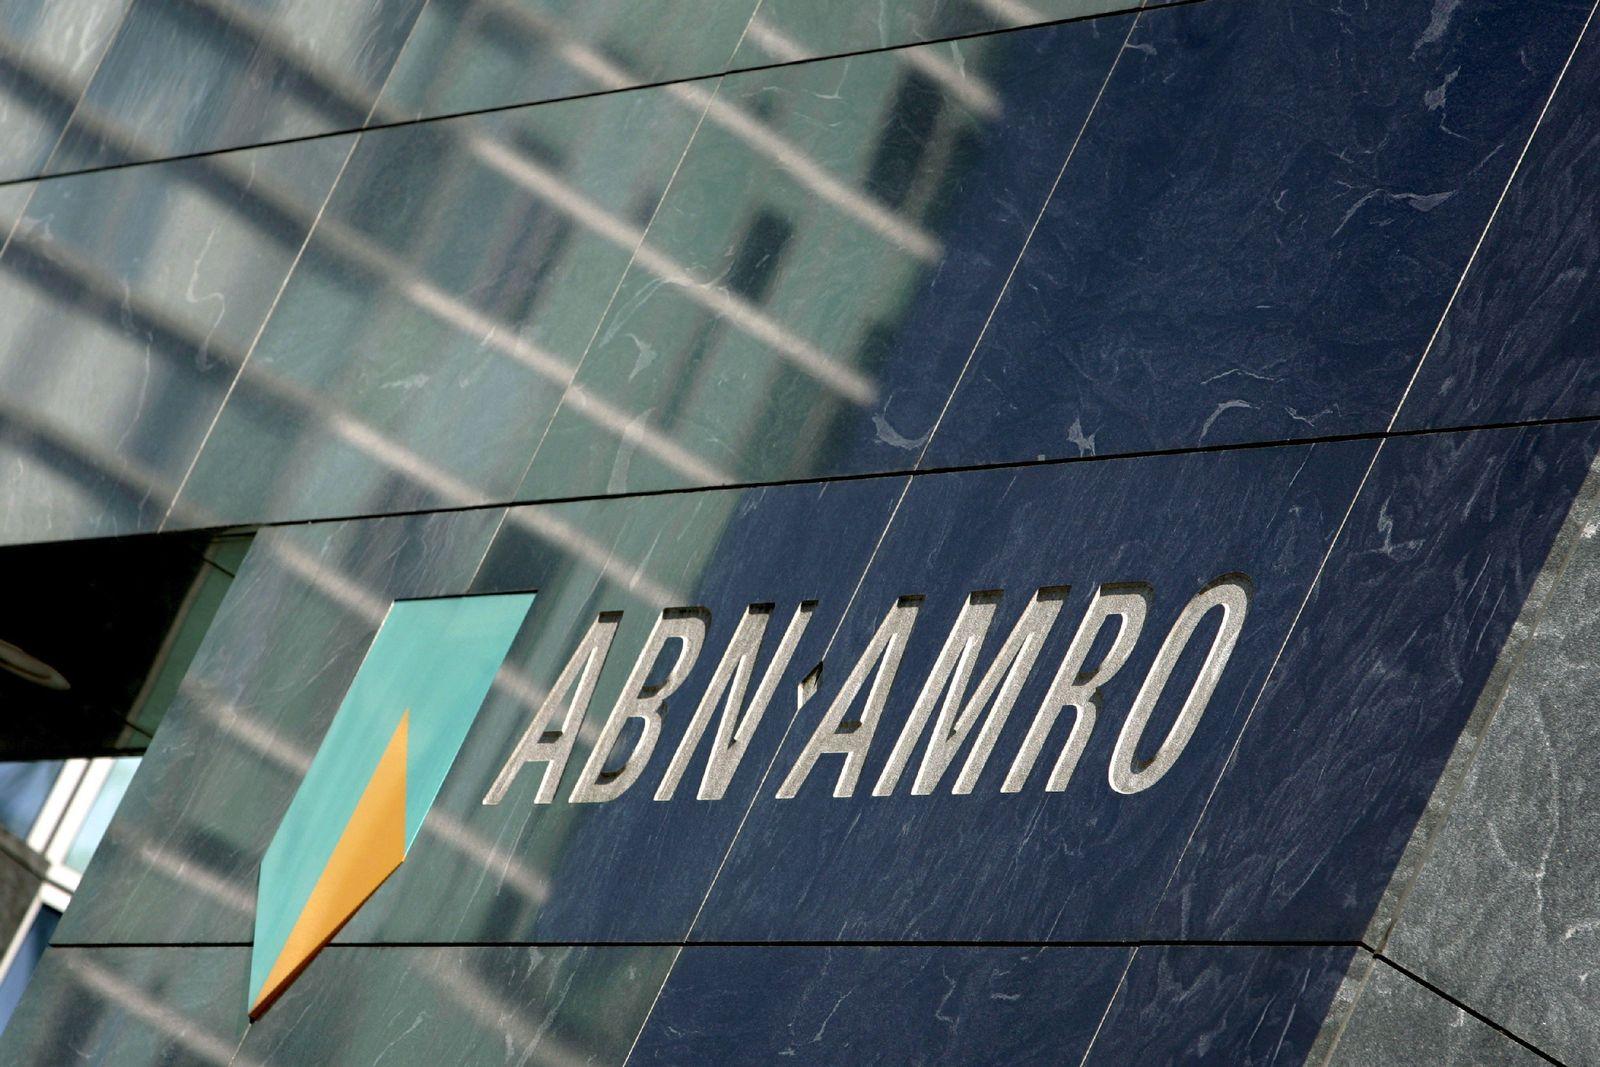 Konsortium überbietet Barclays im Kampf um ABN Amro